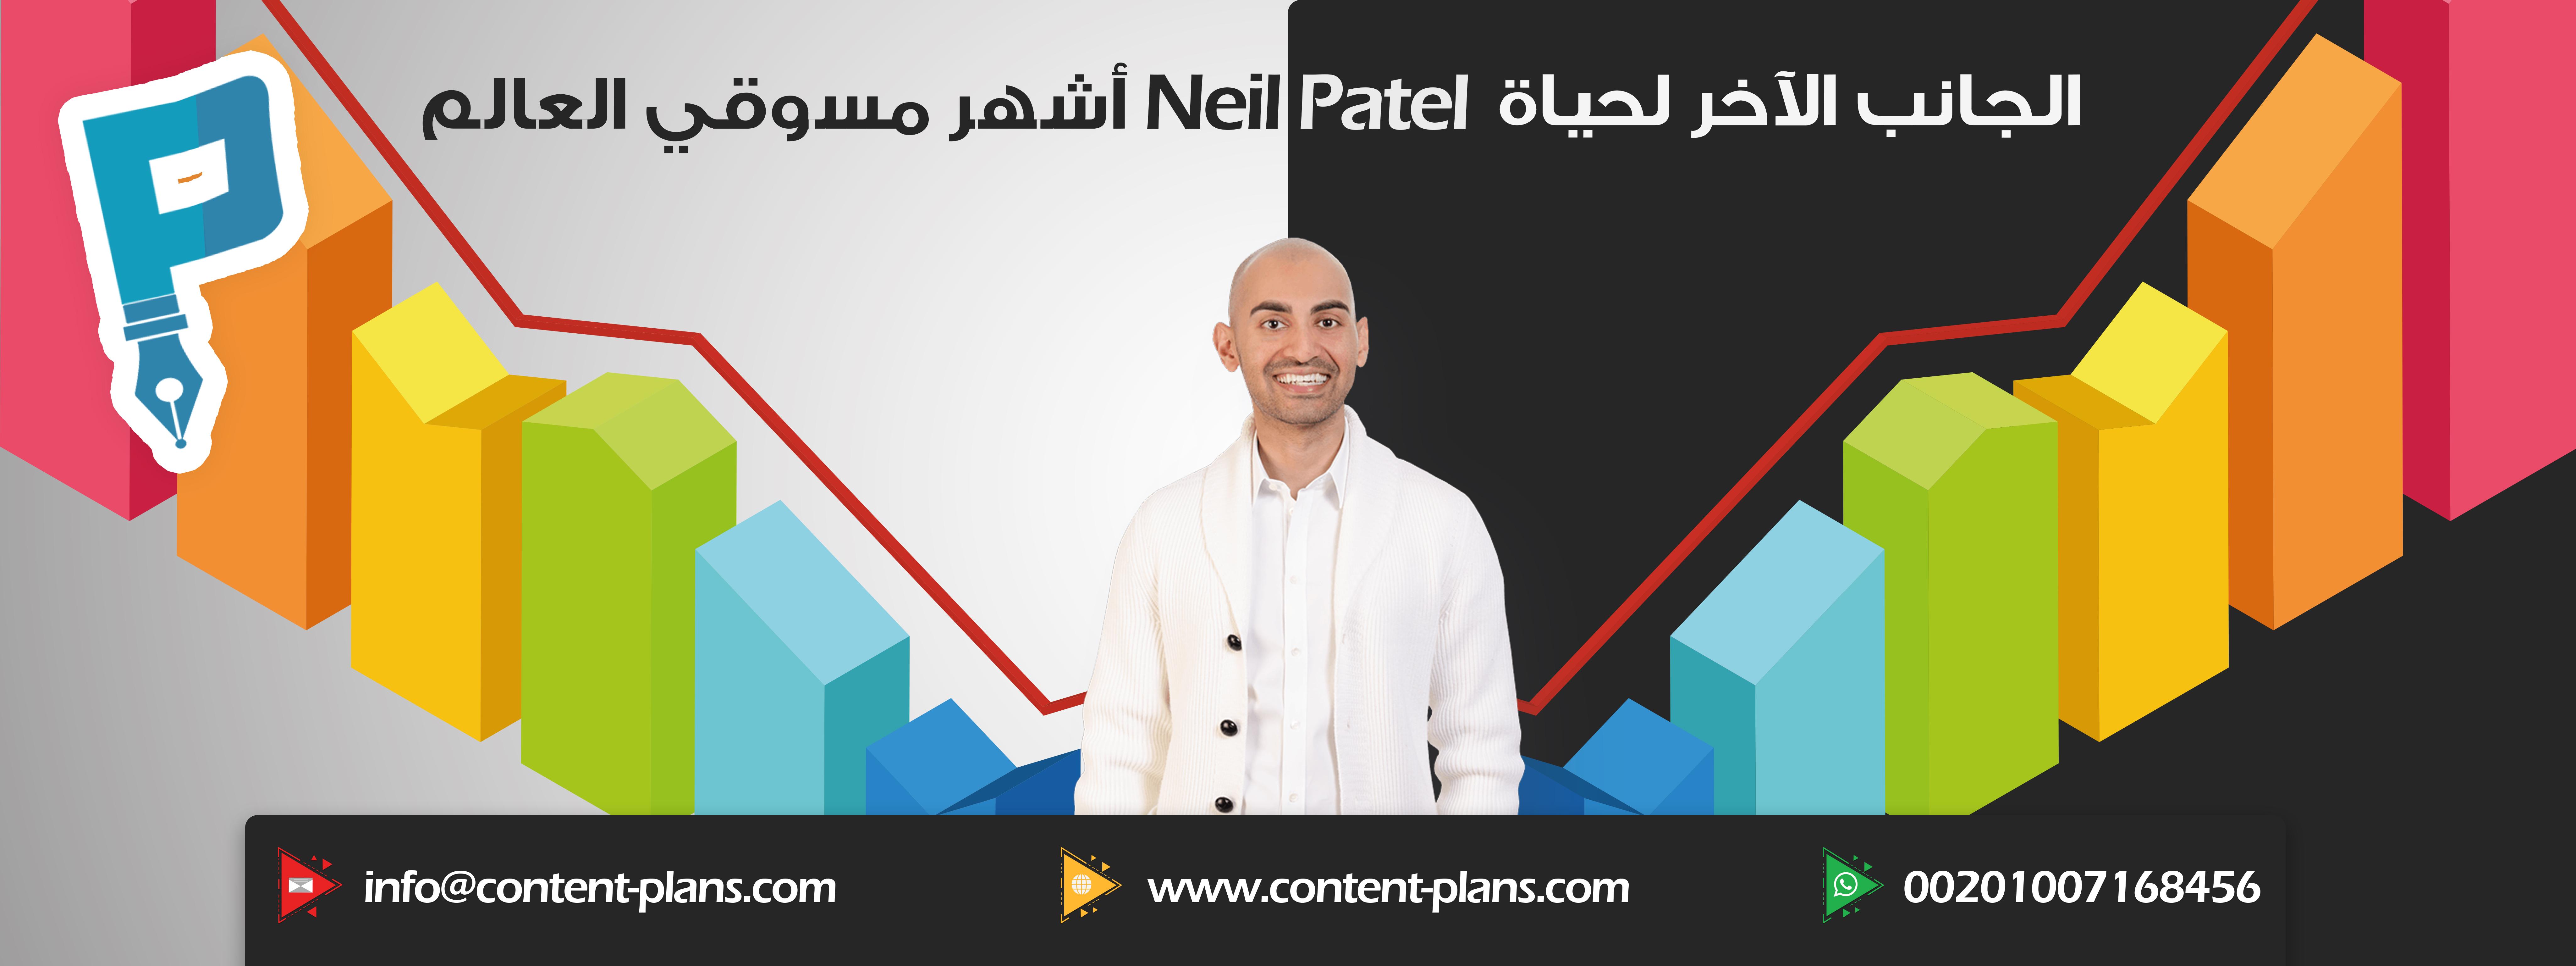 الجانب الآخر من حياة Neil Patel أشهر مسوقى العالم